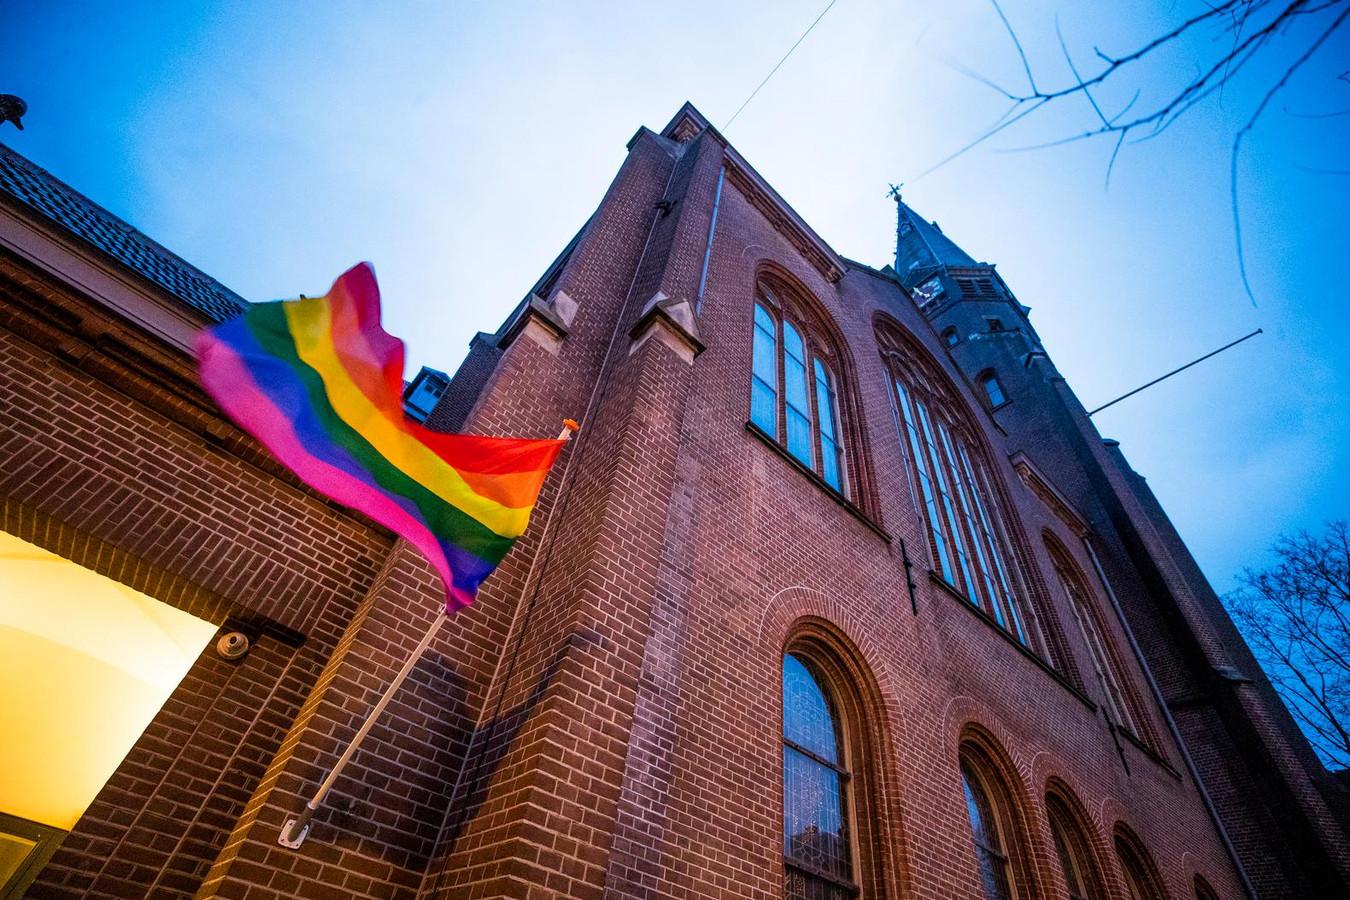 Diverse kerken hingen eerder dit jaar de regenboogvlag uit als statement tegen de zogeheten Nashvilleverklaring. Nederland is een van de meest ruimdenkende landen met betrekking tot de LGBT-gemeenschap, stelt de OESO